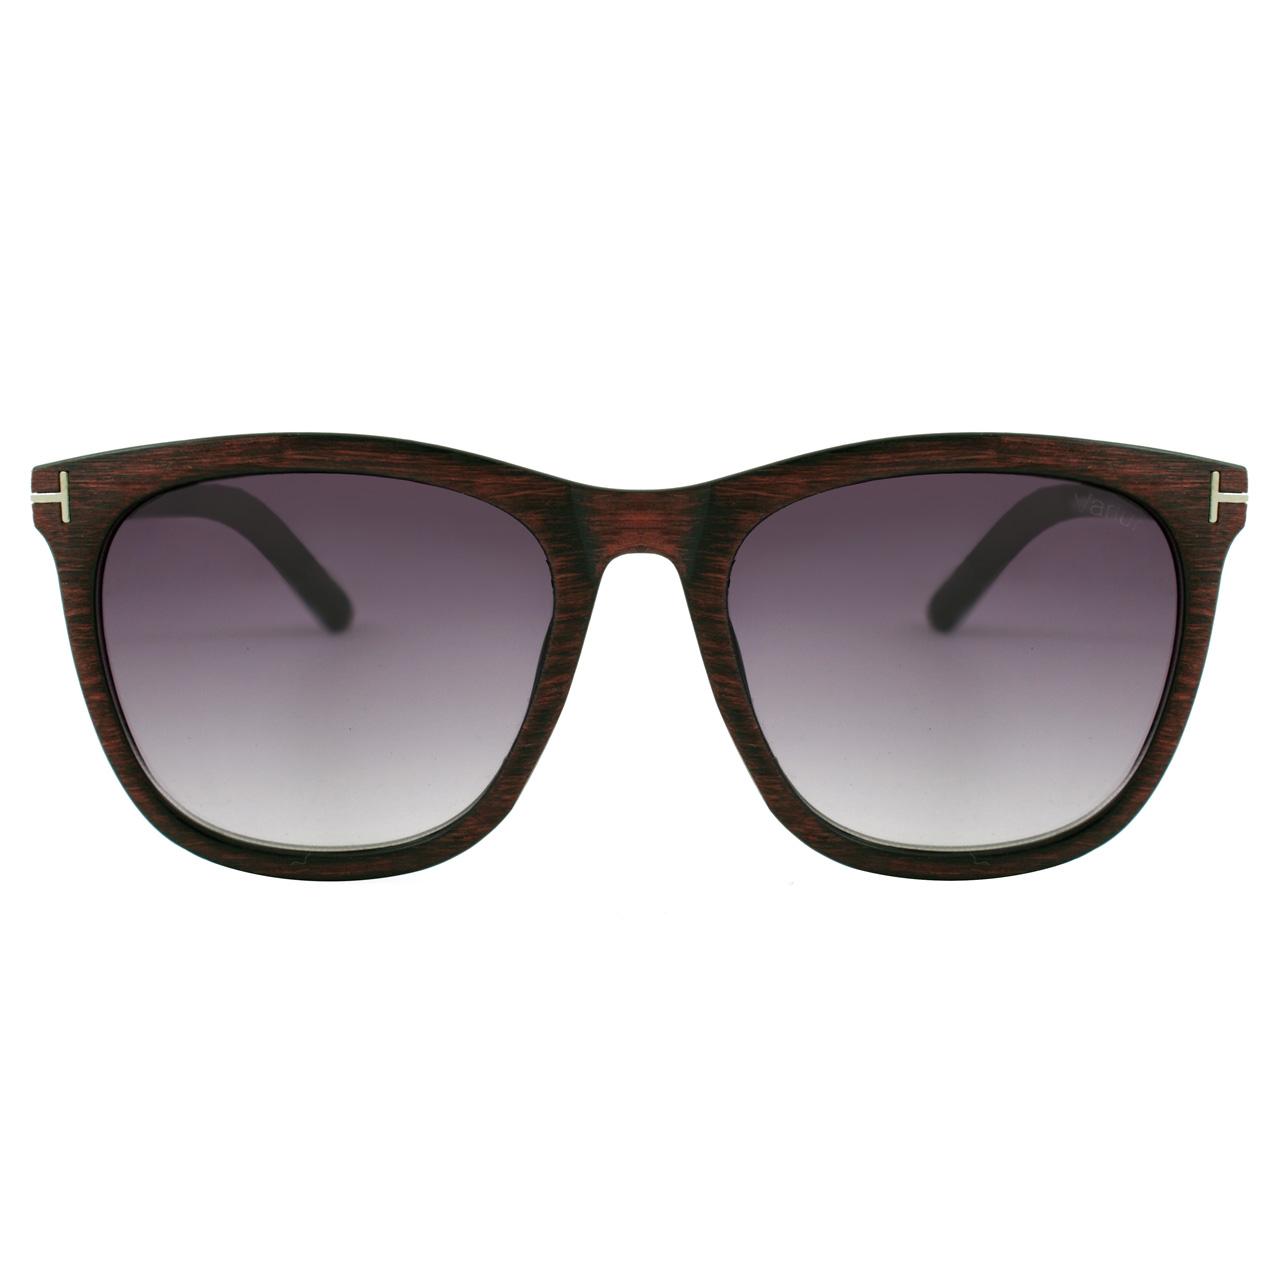 قیمت عینک آفتابی واریور مدل Tom Ford Brown Wood